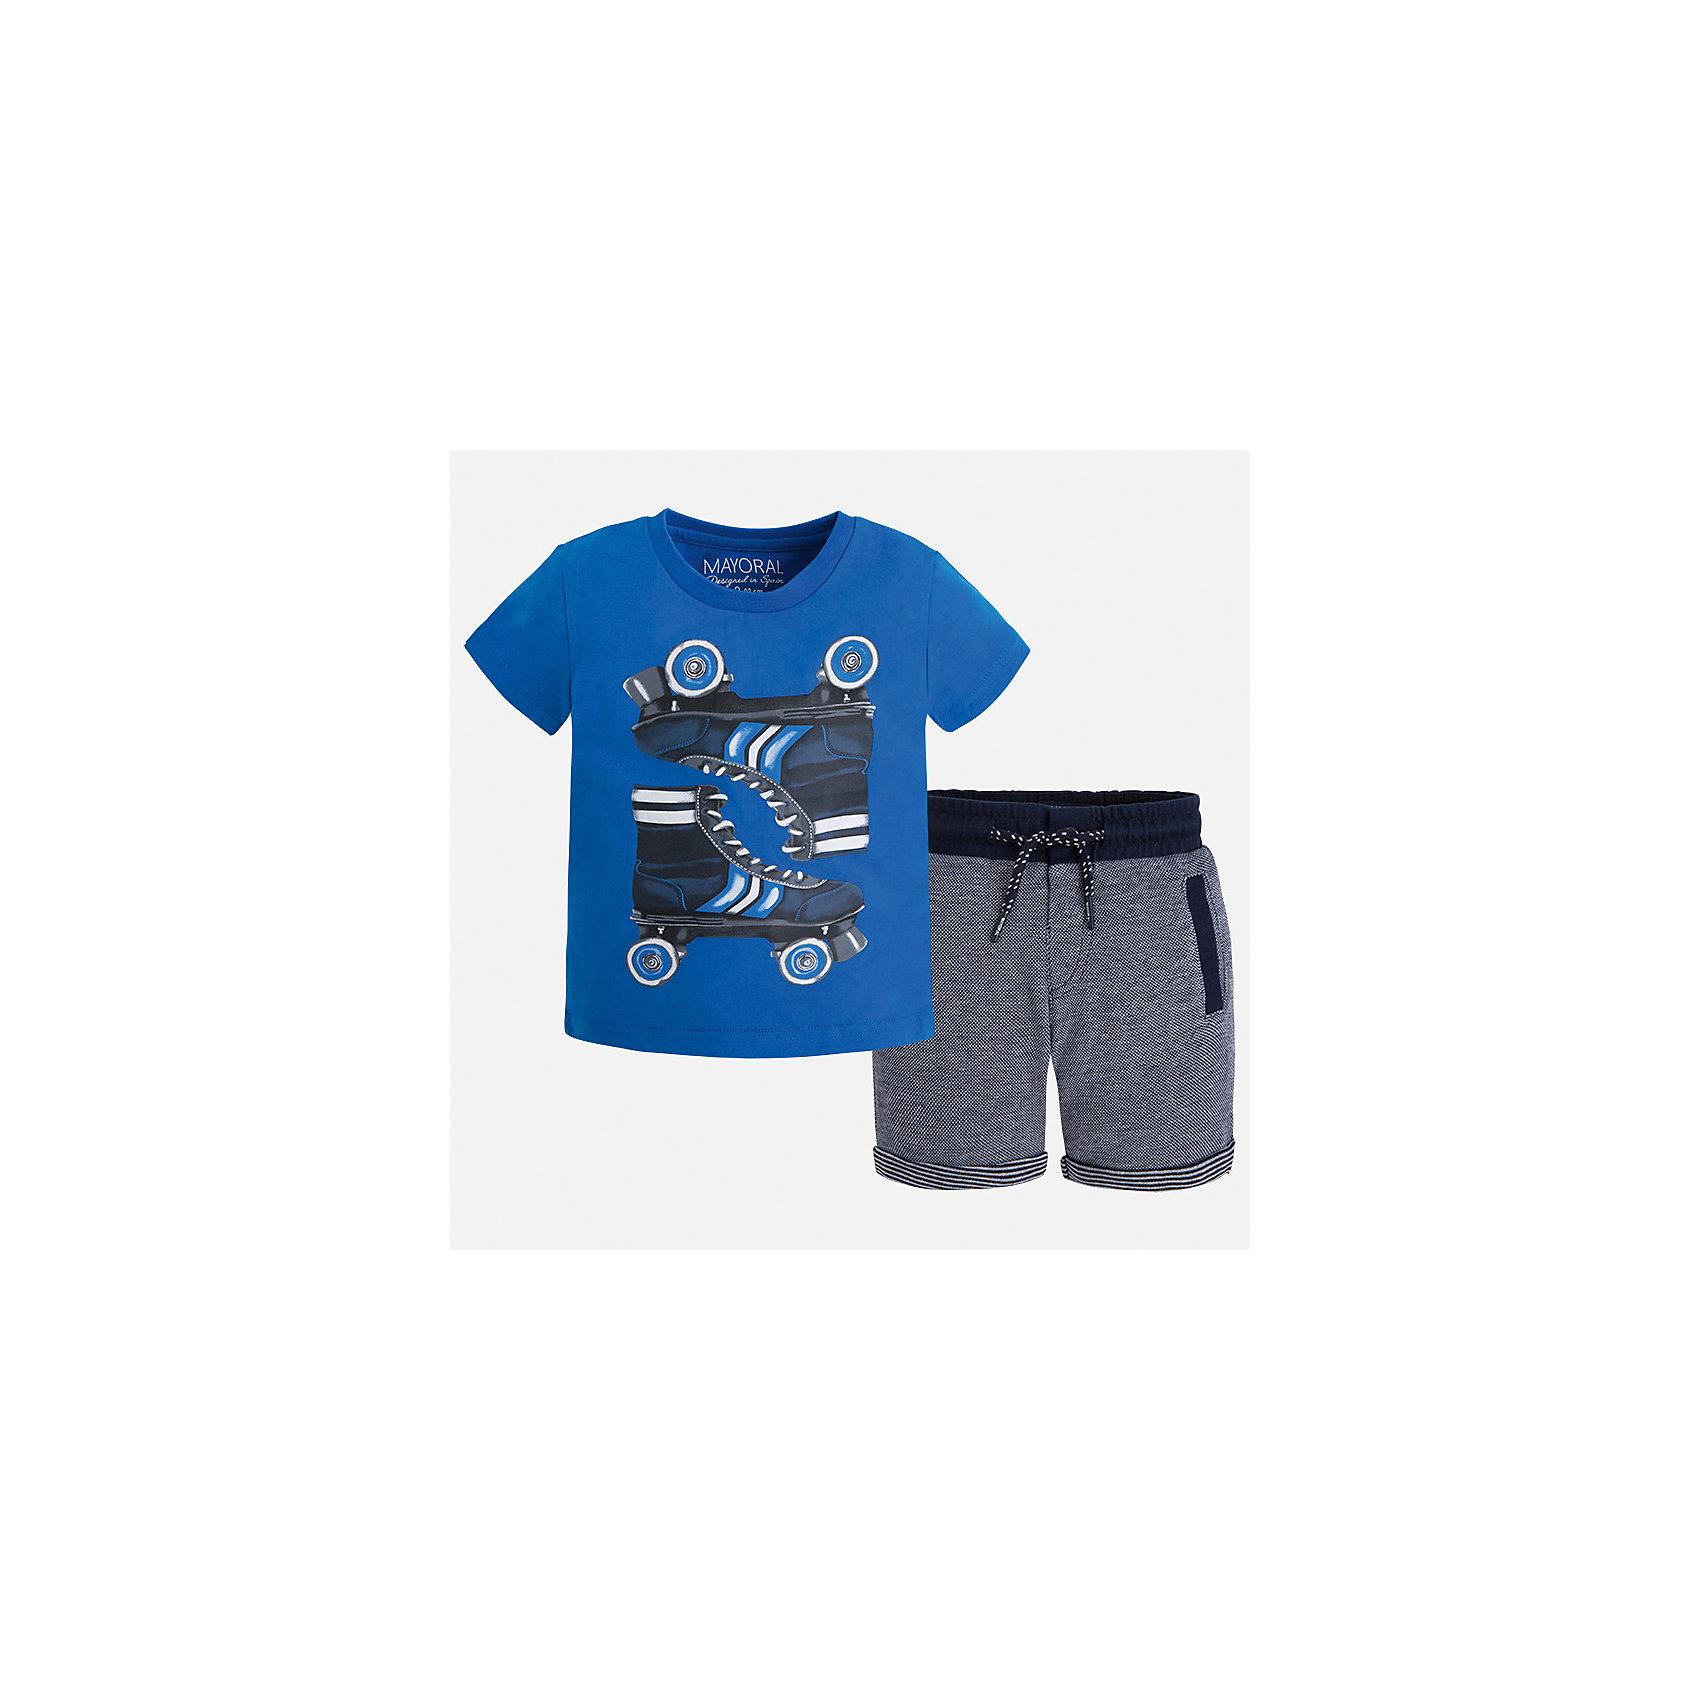 Комплект: футболка и шорты для мальчика MayoralКомплекты<br>Характеристики товара:<br><br>• цвет: голубой/синий<br>• состав: футболка - 100% хлопок, шорты: 56% хлопок, 44% полиэстер<br>• комплектация: шорты, футболка<br>• круглый горловой вырез<br>• декорирована принтом<br>• короткие рукава<br>• шорты - пояс со шнурком<br>• страна бренда: Испания<br><br>Стильная удобная футболка с принтом и шорты помогут разнообразить гардероб мальчика и удобно одеться. Универсальный цвет позволяет подобрать к вещам верхнюю одежду практически любой расцветки. Интересная отделка модели делает её нарядной и оригинальной. В составе материала - только натуральный хлопок, гипоаллергенный, приятный на ощупь, дышащий.<br><br>Одежда, обувь и аксессуары от испанского бренда Mayoral полюбились детям и взрослым по всему миру. Модели этой марки - стильные и удобные. Для их производства используются только безопасные, качественные материалы и фурнитура. Порадуйте ребенка модными и красивыми вещами от Mayoral! <br><br>Комплект для мальчика от испанского бренда Mayoral (Майорал) можно купить в нашем интернет-магазине.<br><br>Ширина мм: 191<br>Глубина мм: 10<br>Высота мм: 175<br>Вес г: 273<br>Цвет: синий<br>Возраст от месяцев: 60<br>Возраст до месяцев: 72<br>Пол: Мужской<br>Возраст: Детский<br>Размер: 116,110,104,122,98,92,134,128<br>SKU: 5280946